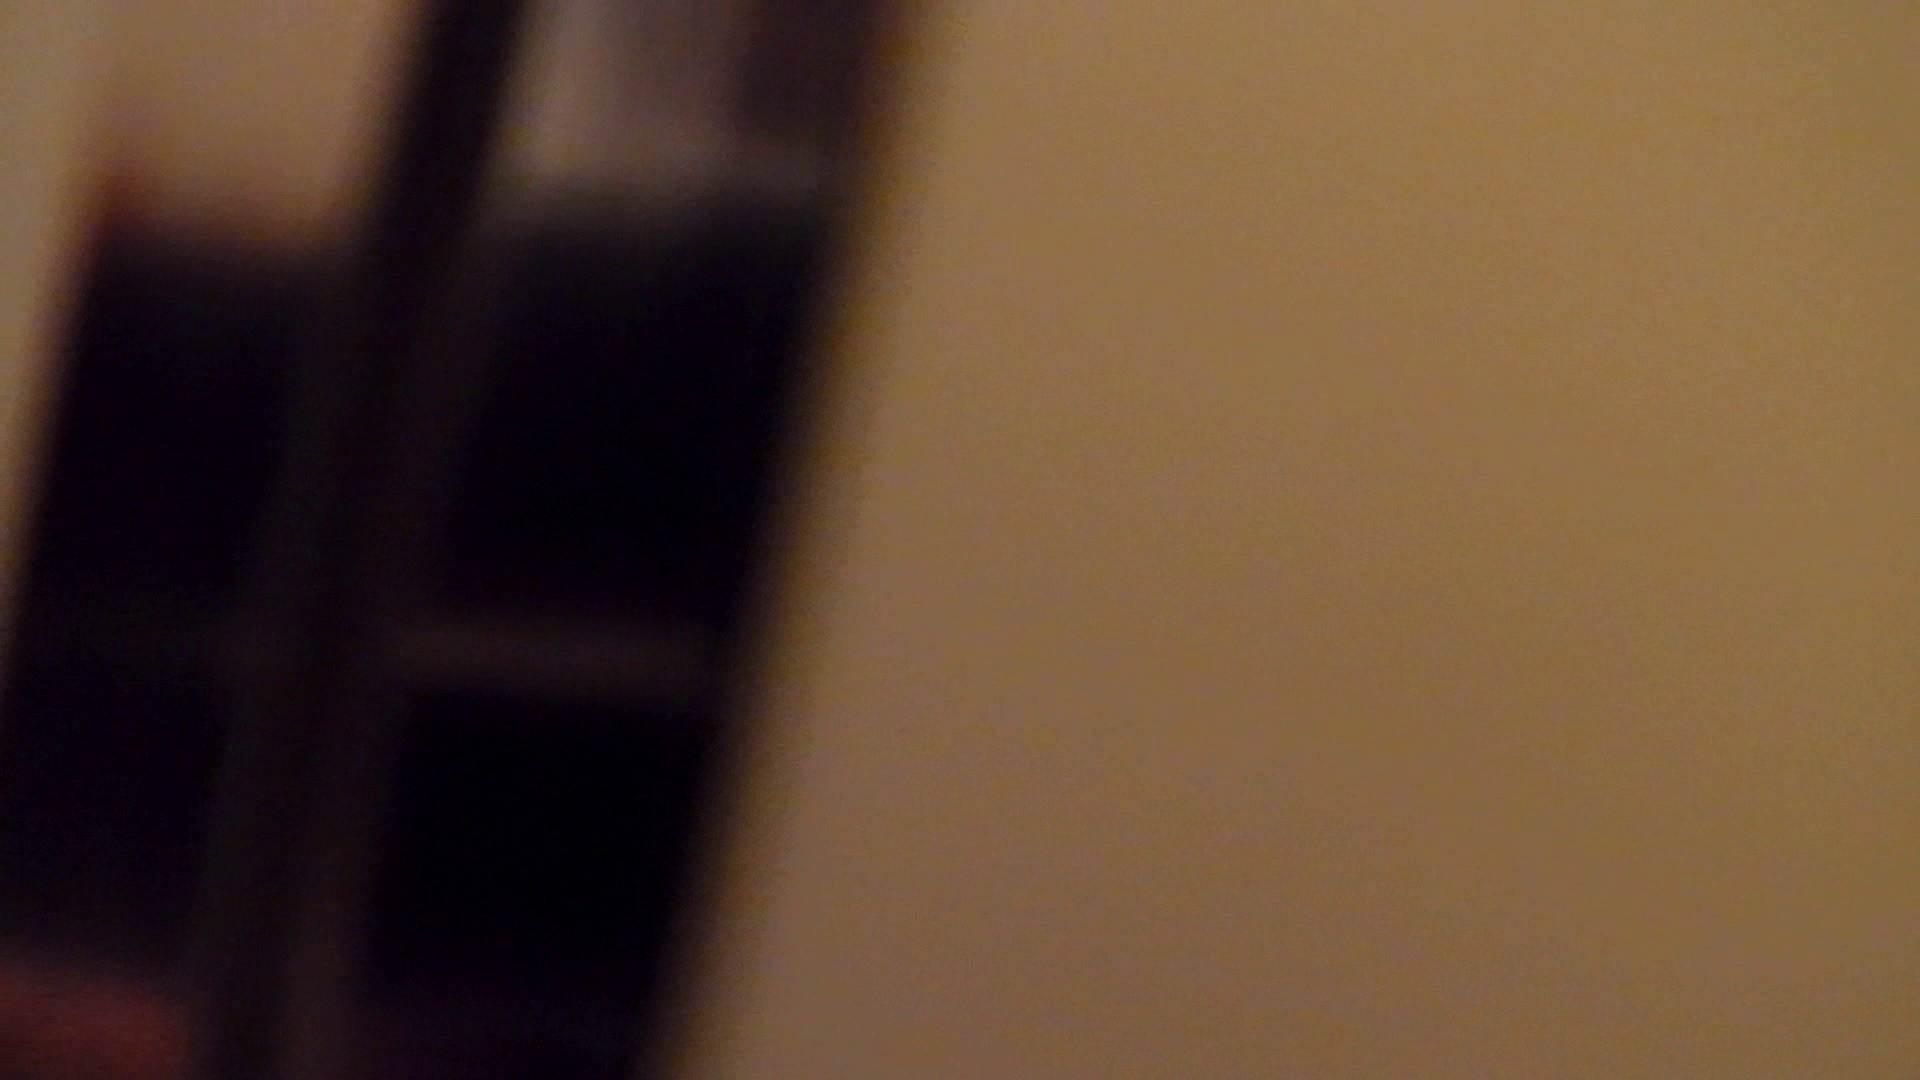 洗寿観音さんの 化粧室は四面楚歌Nol.2 丸見え  73PIX 31